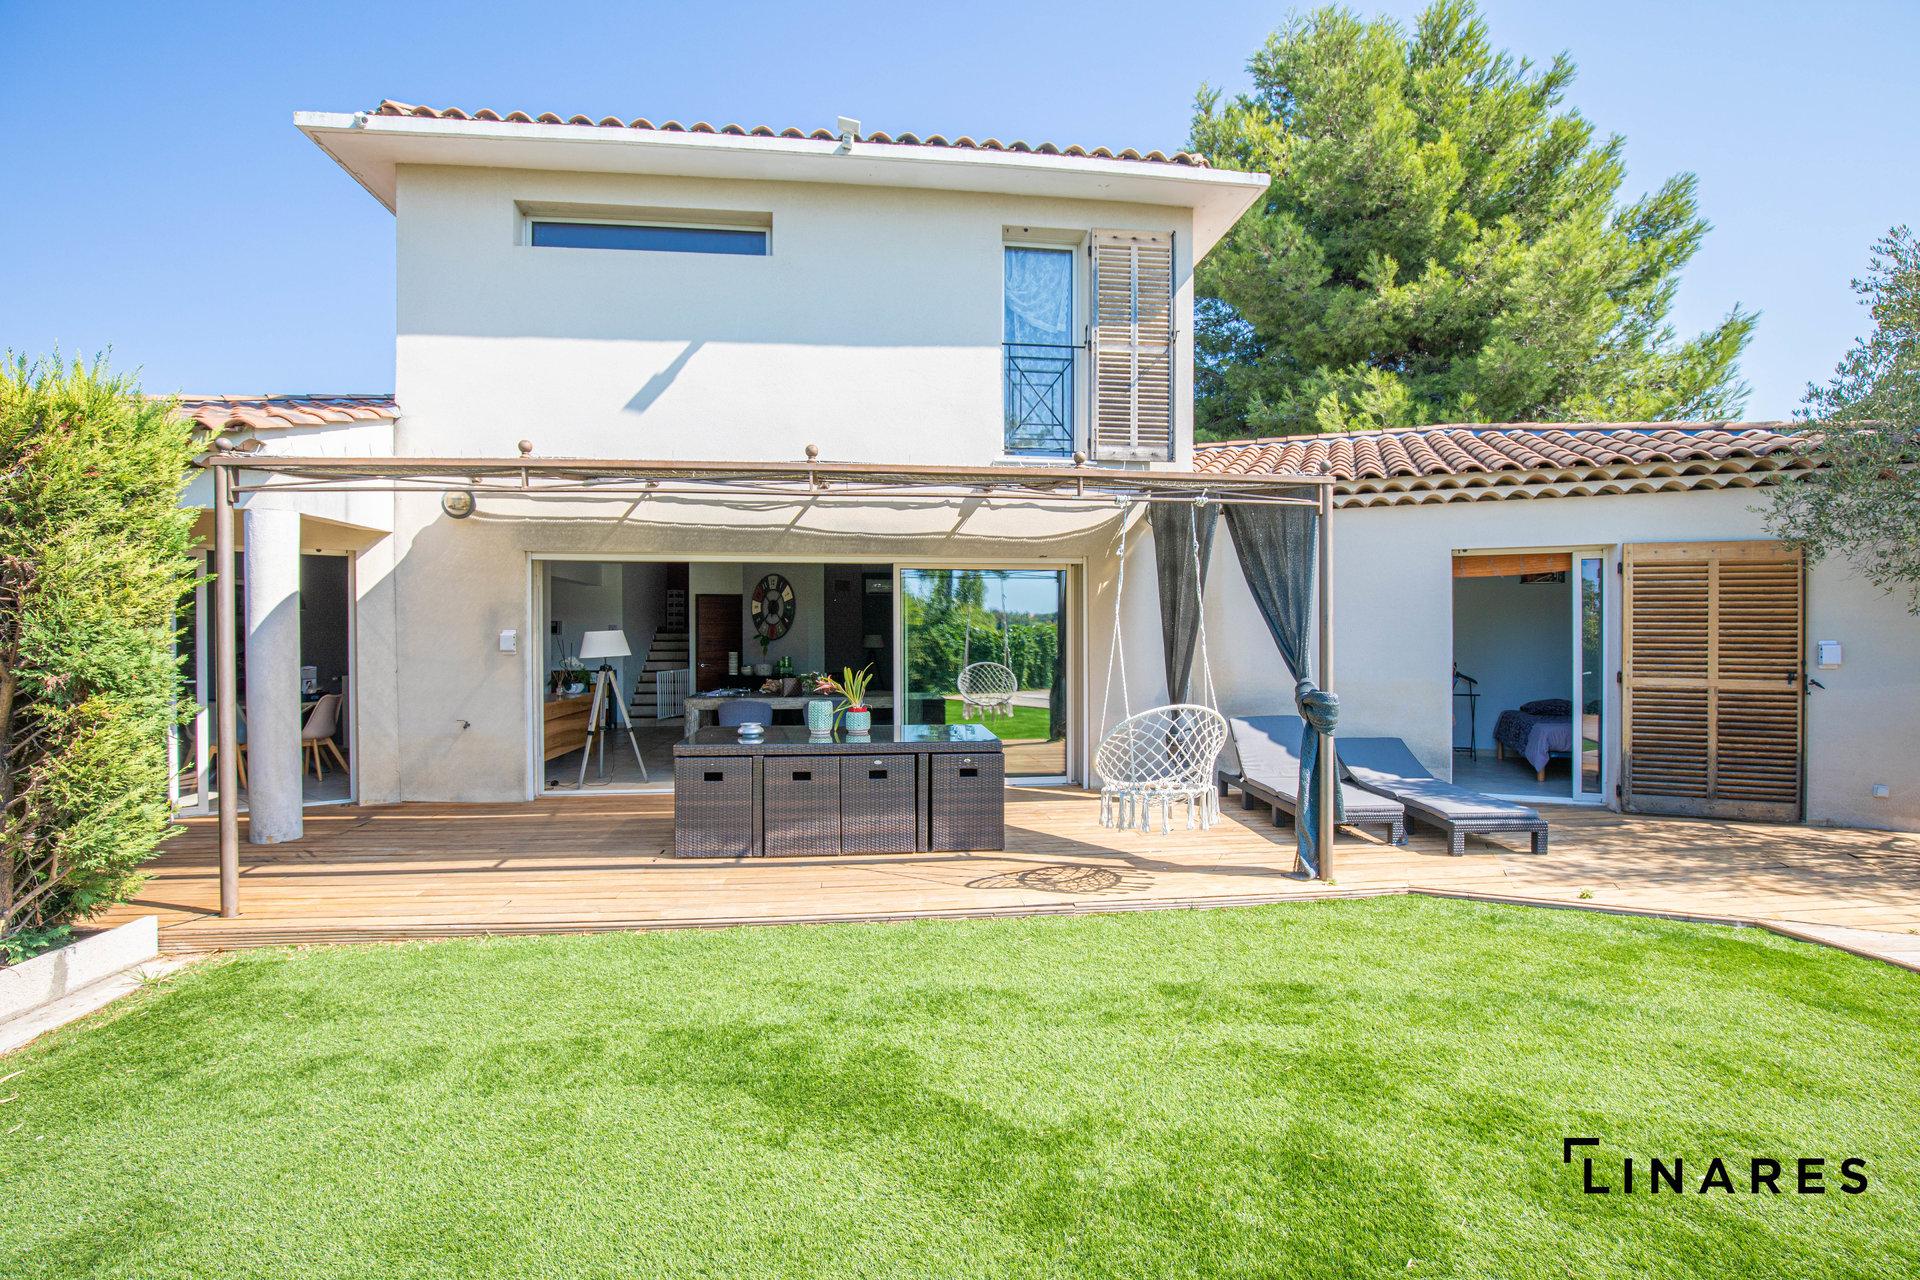 Sous Offre - GARDEN HOUSE - Villa T6 de 193m2 - Terrain 849m2